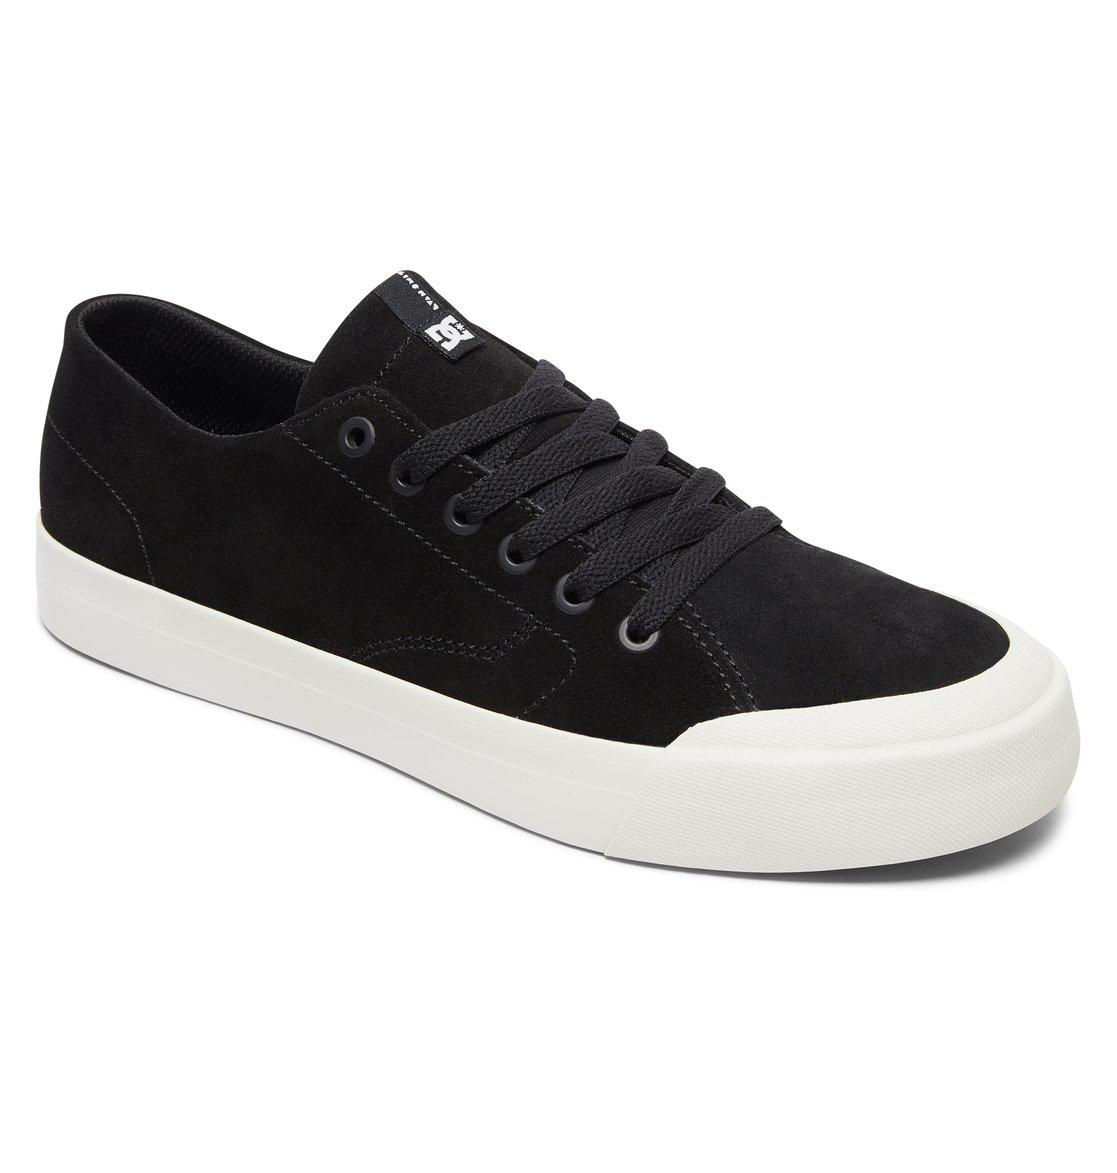 Evan Zero Männer Schuhe Für Lo IH2Y9EDW